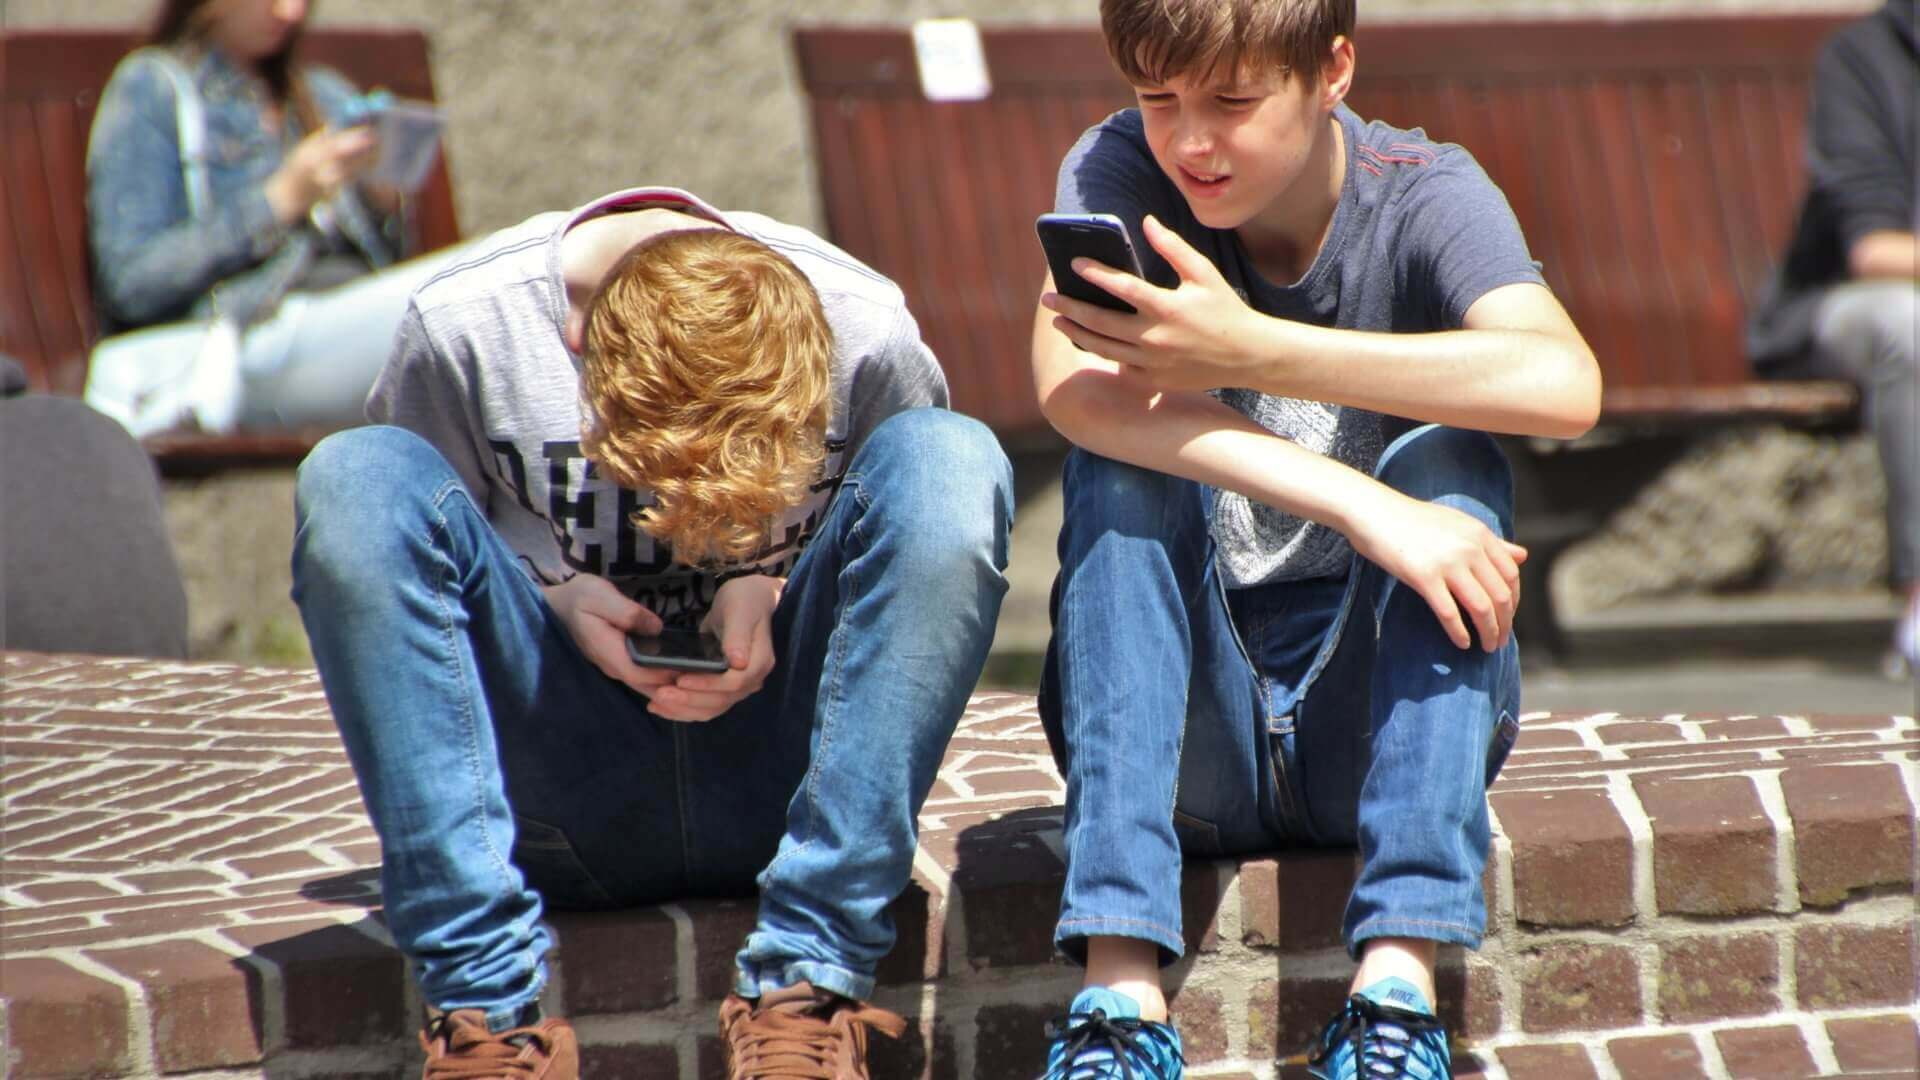 smartfóny u detí